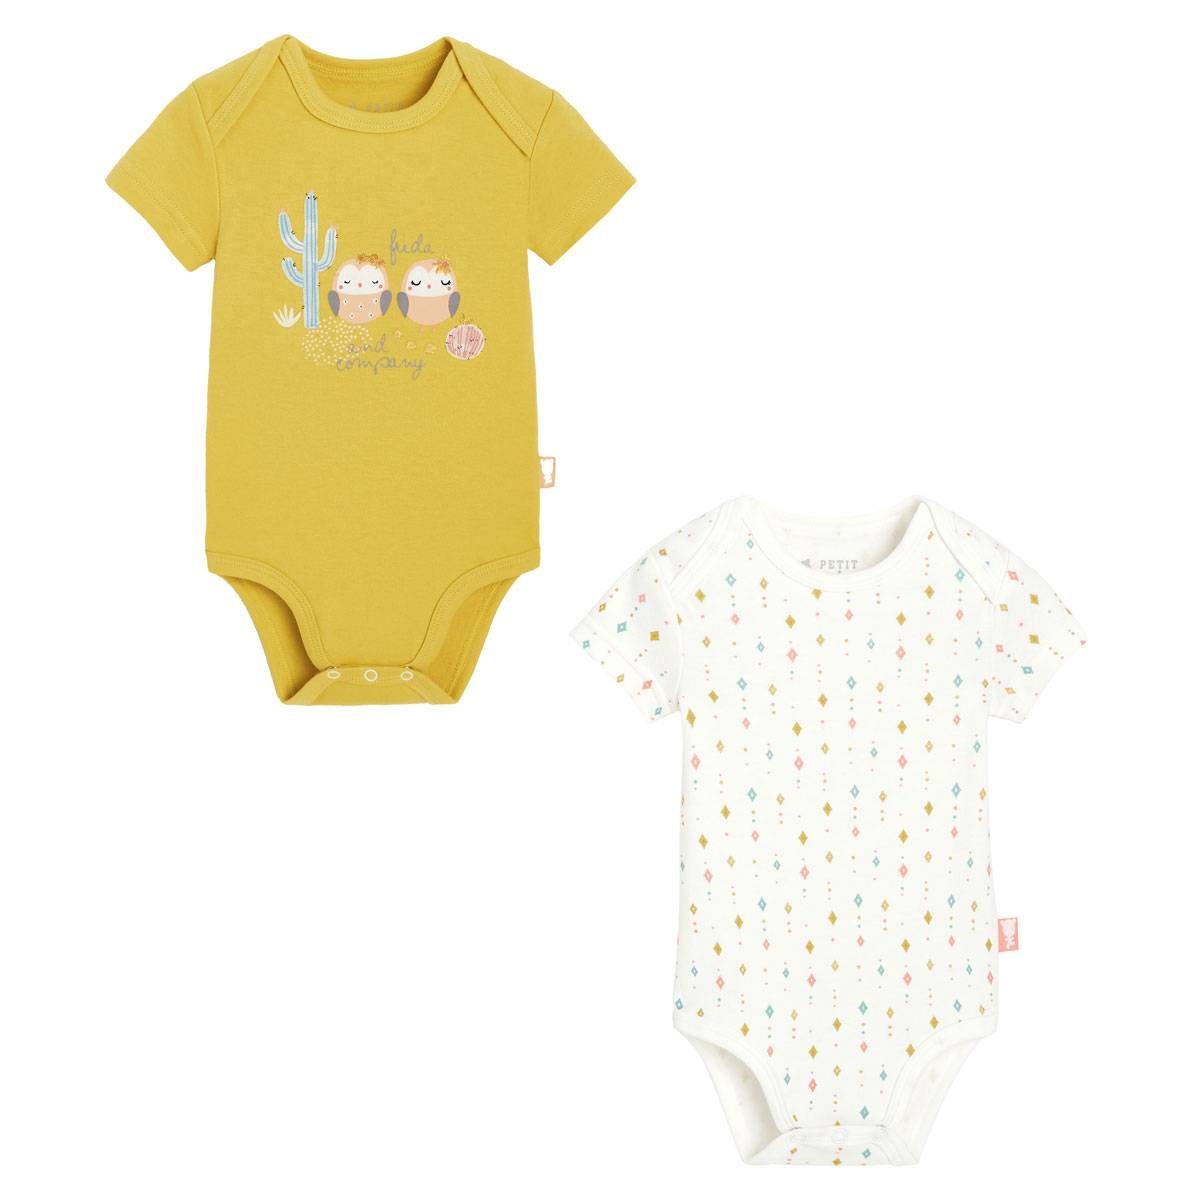 Petit Béguin Lot de 2 bodies bébé fille manches courtes Frida - Taille - 36 mois